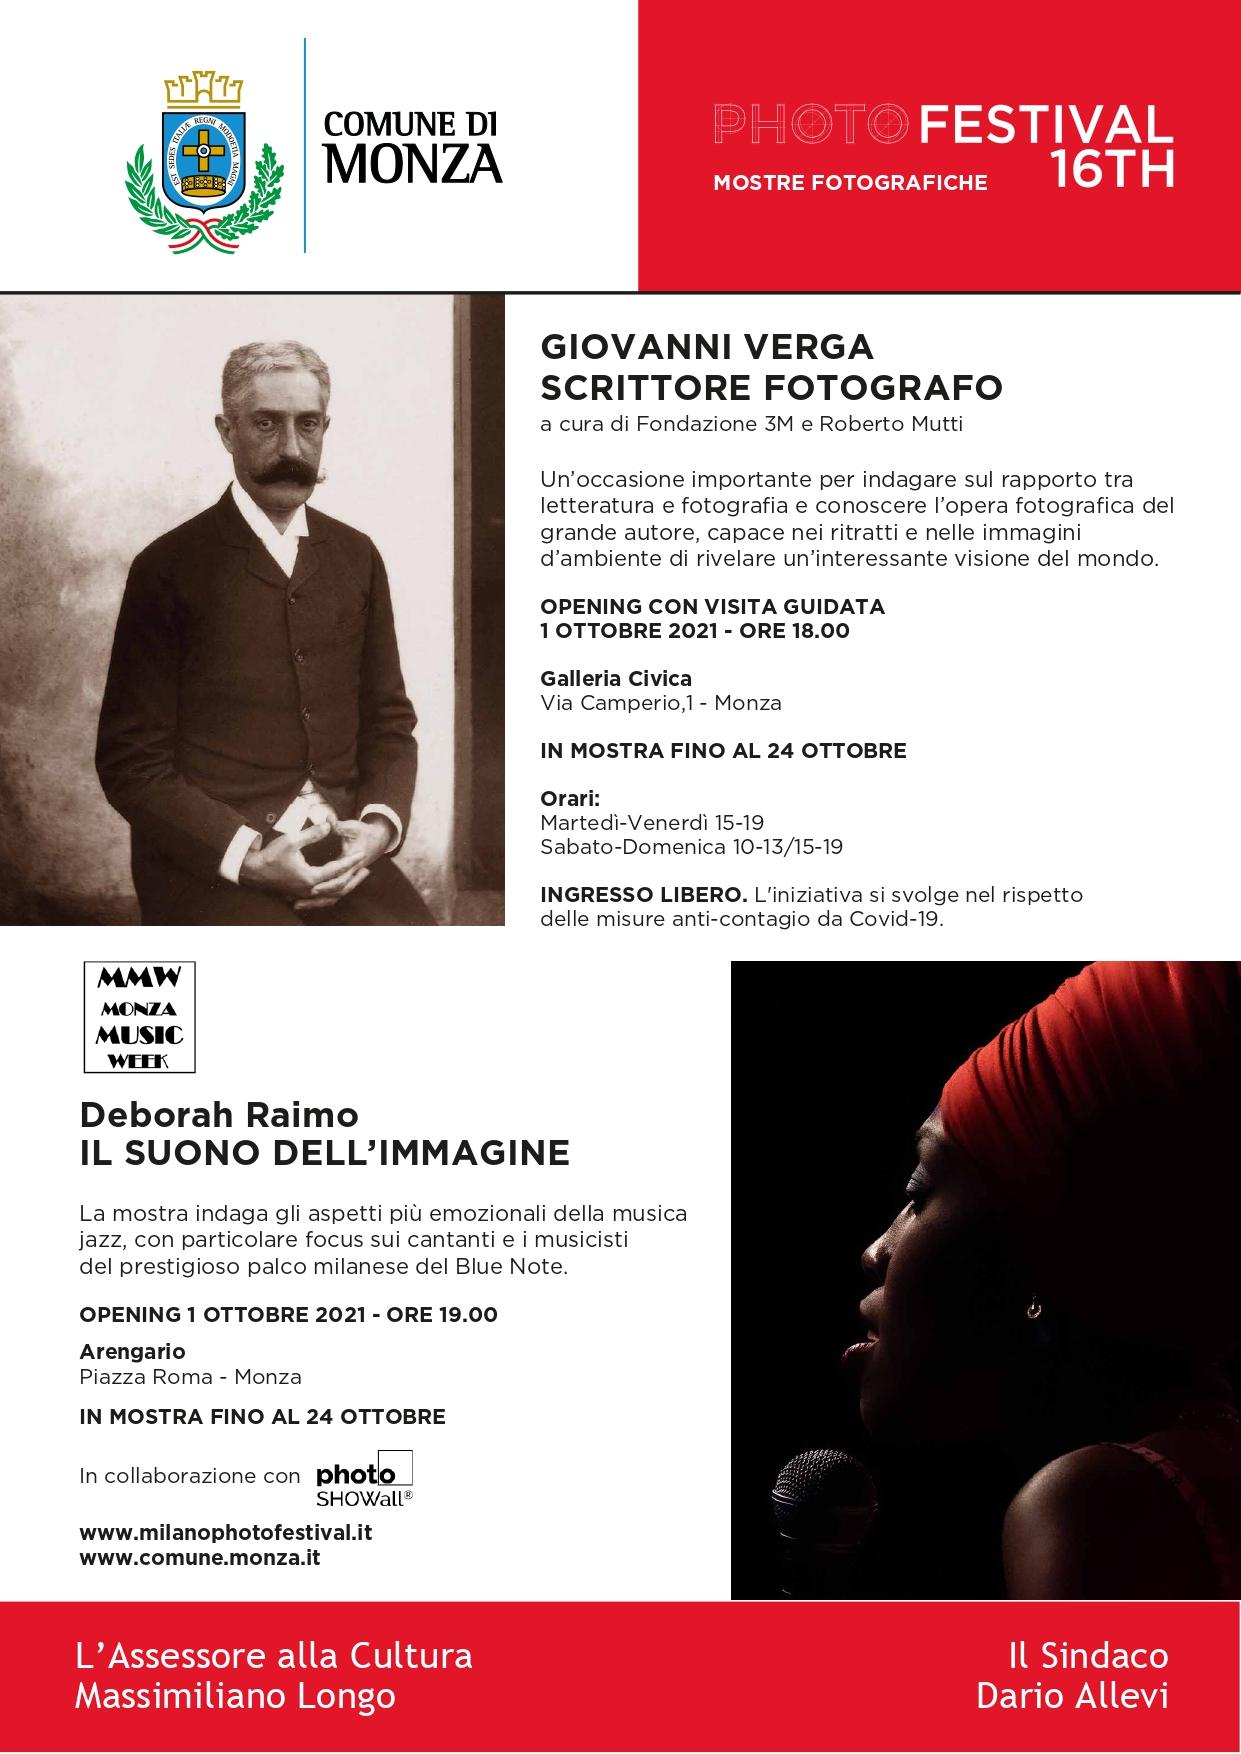 Invito Photofestival 2021 Monza page 0001 - Milano Photofestival